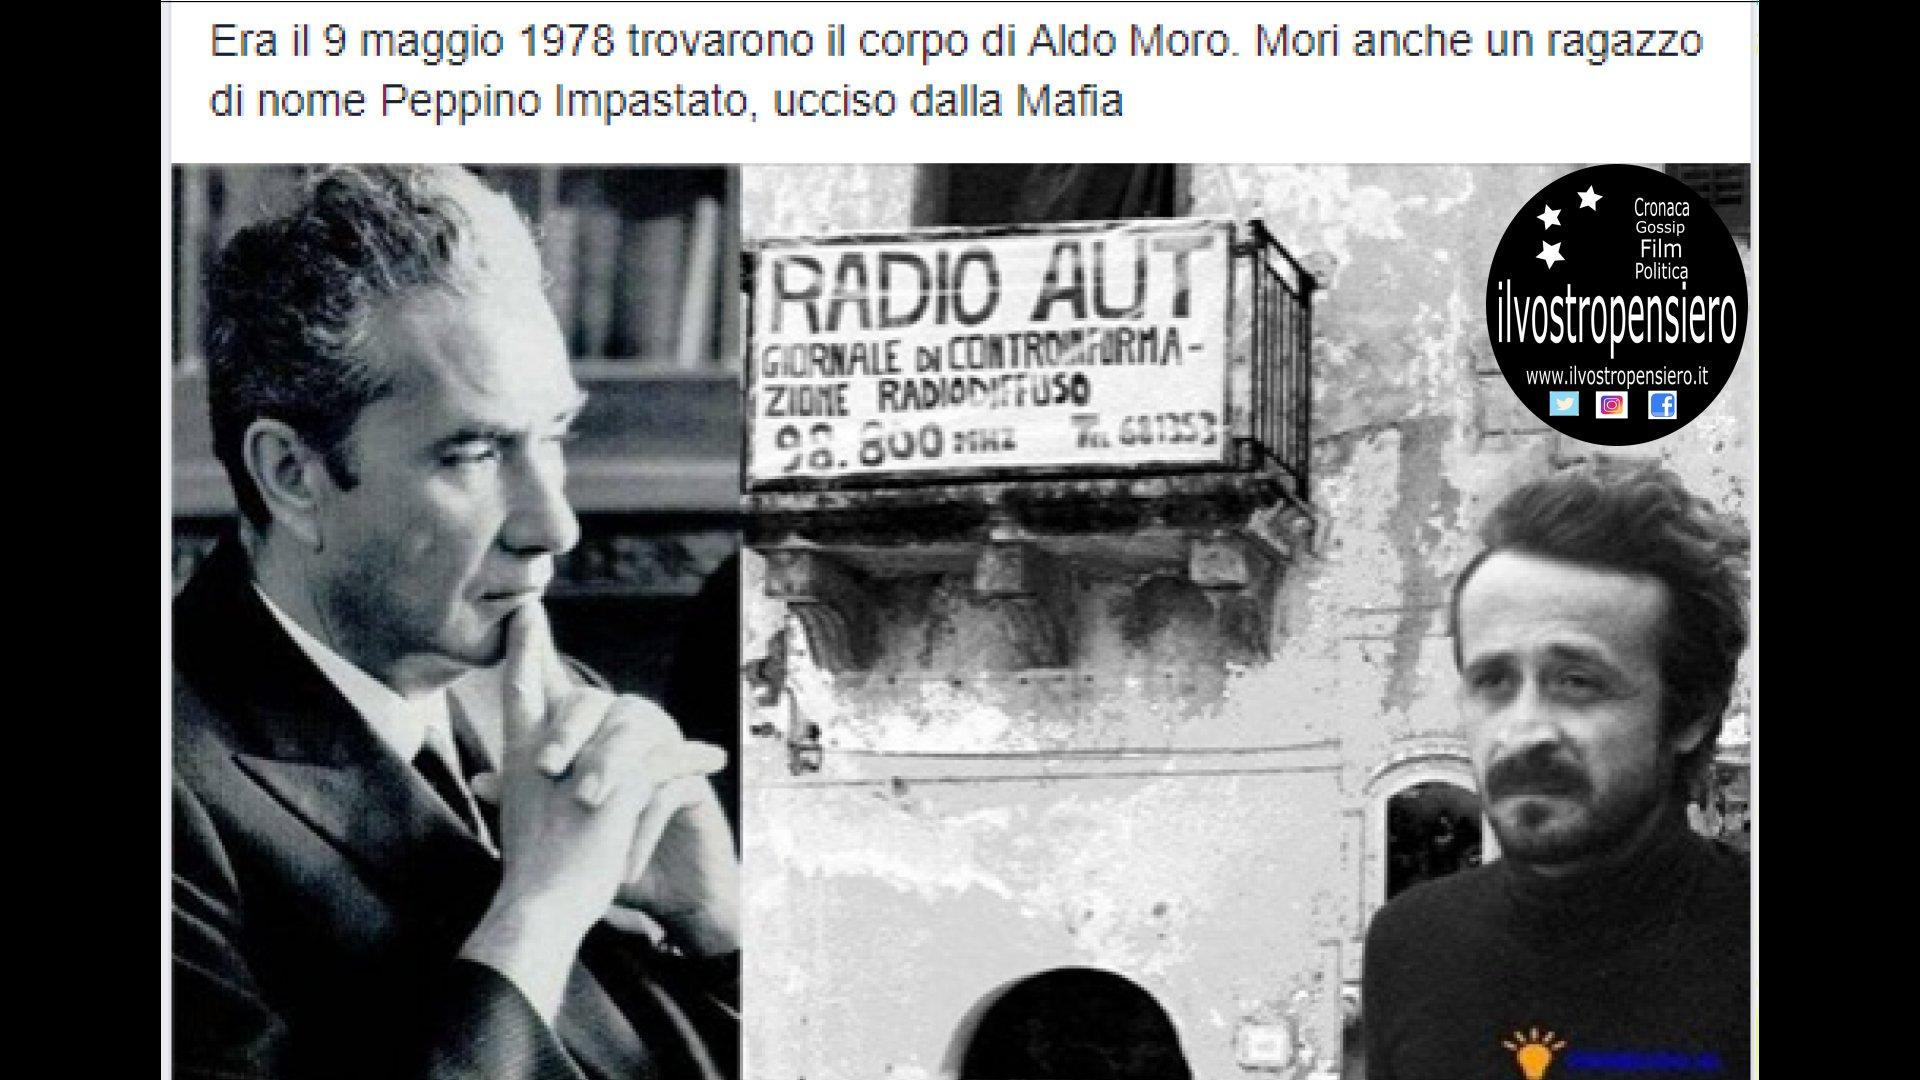 Come oggi 41 anni fa, fu trovato morto Aldo Moro e Peppino Impastato